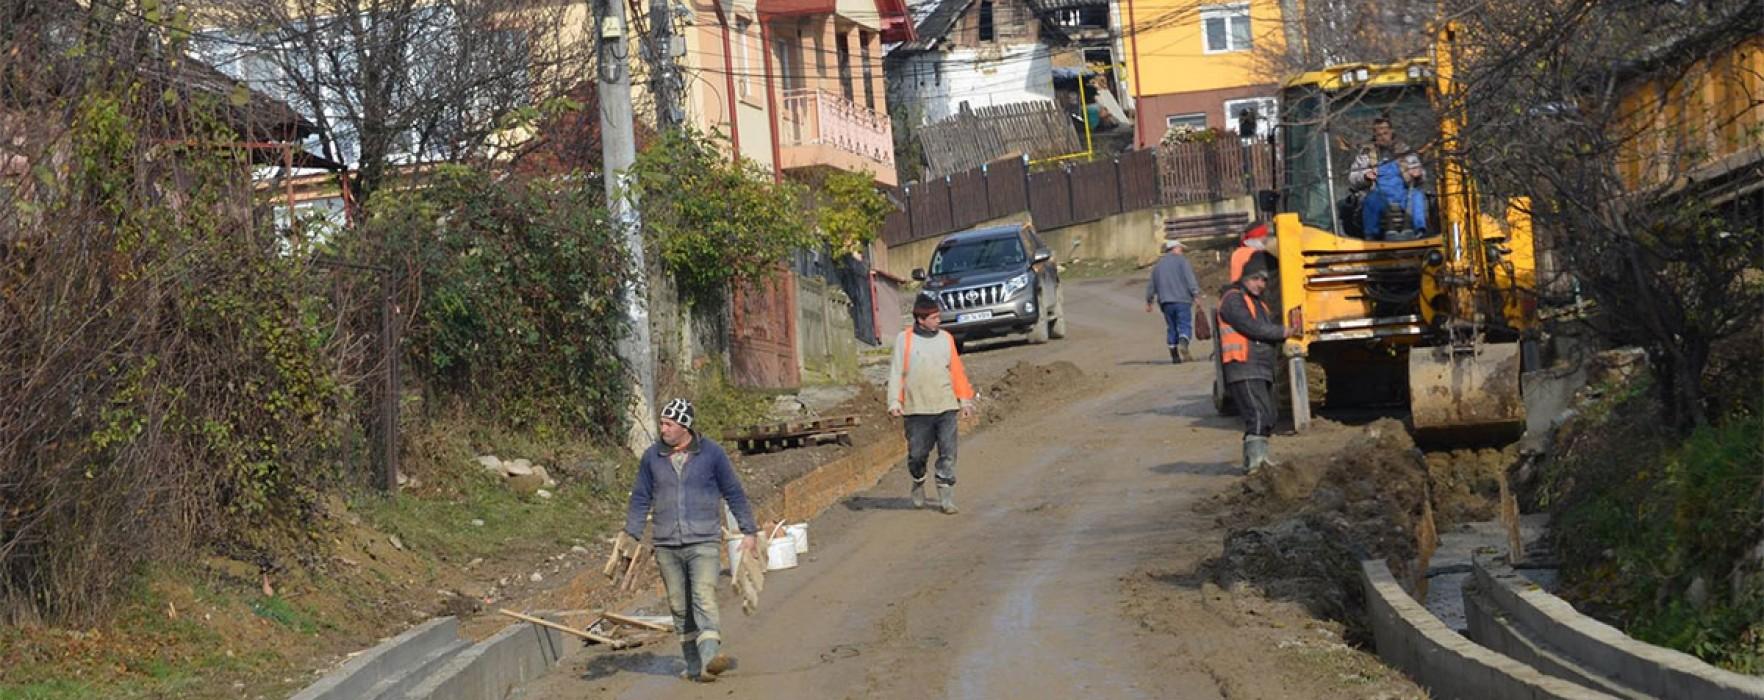 Lucrările de modernizare a infrastructurii continuă la Pucioasa